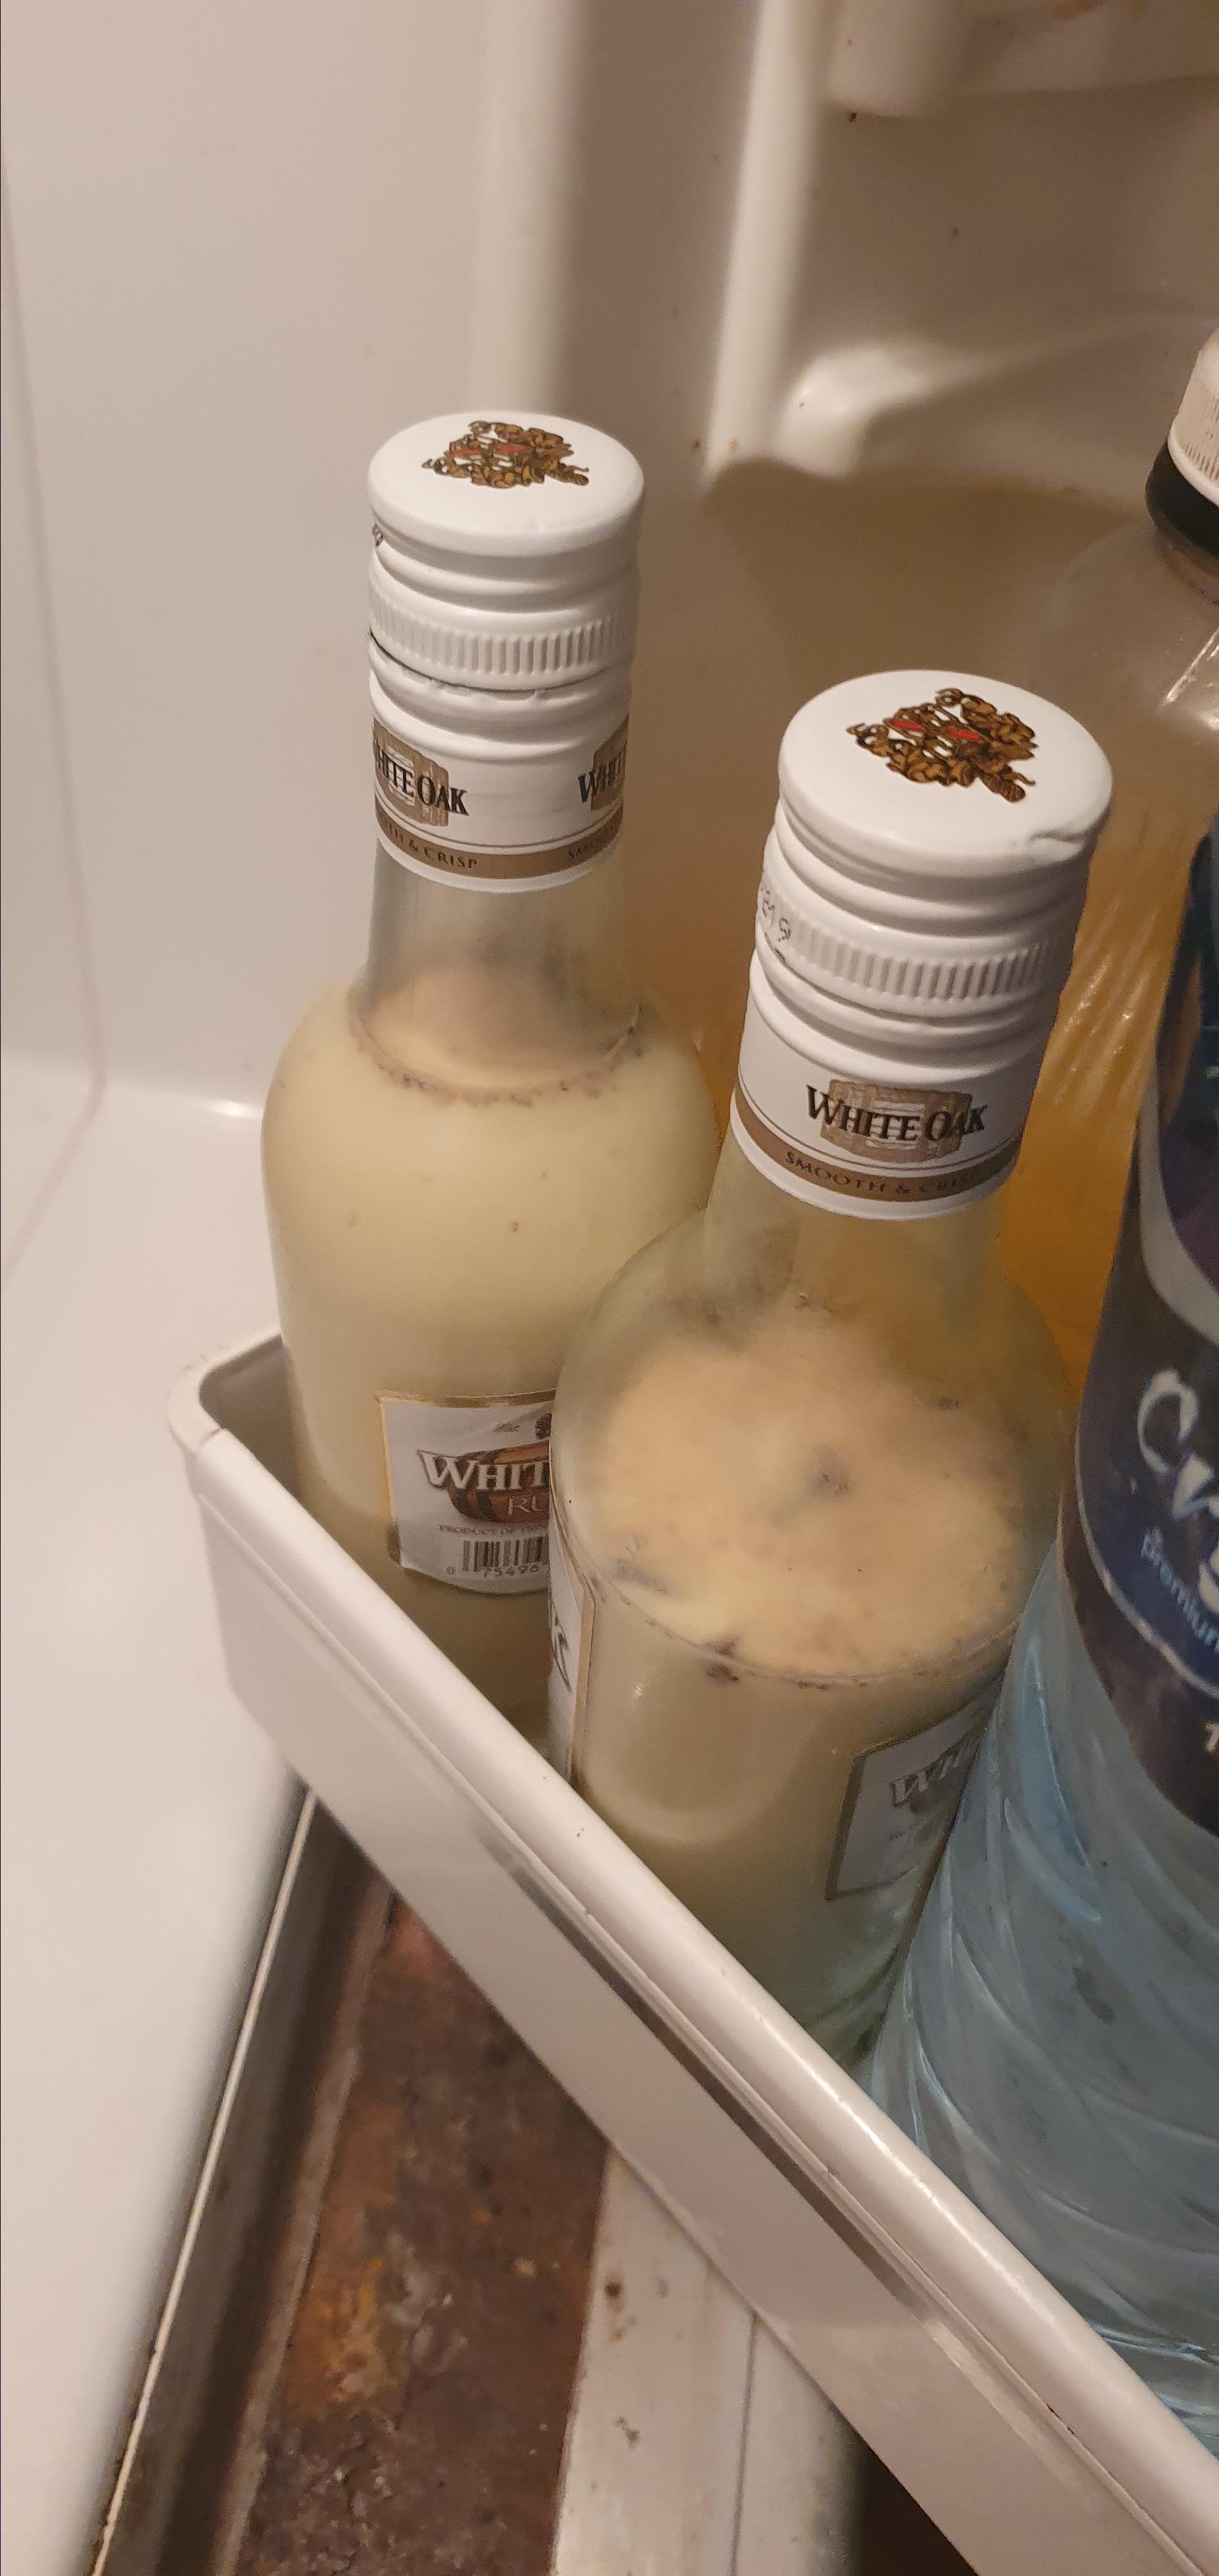 Trinidad's Ponche-de-Creme (Punch with Cream) Maximanita